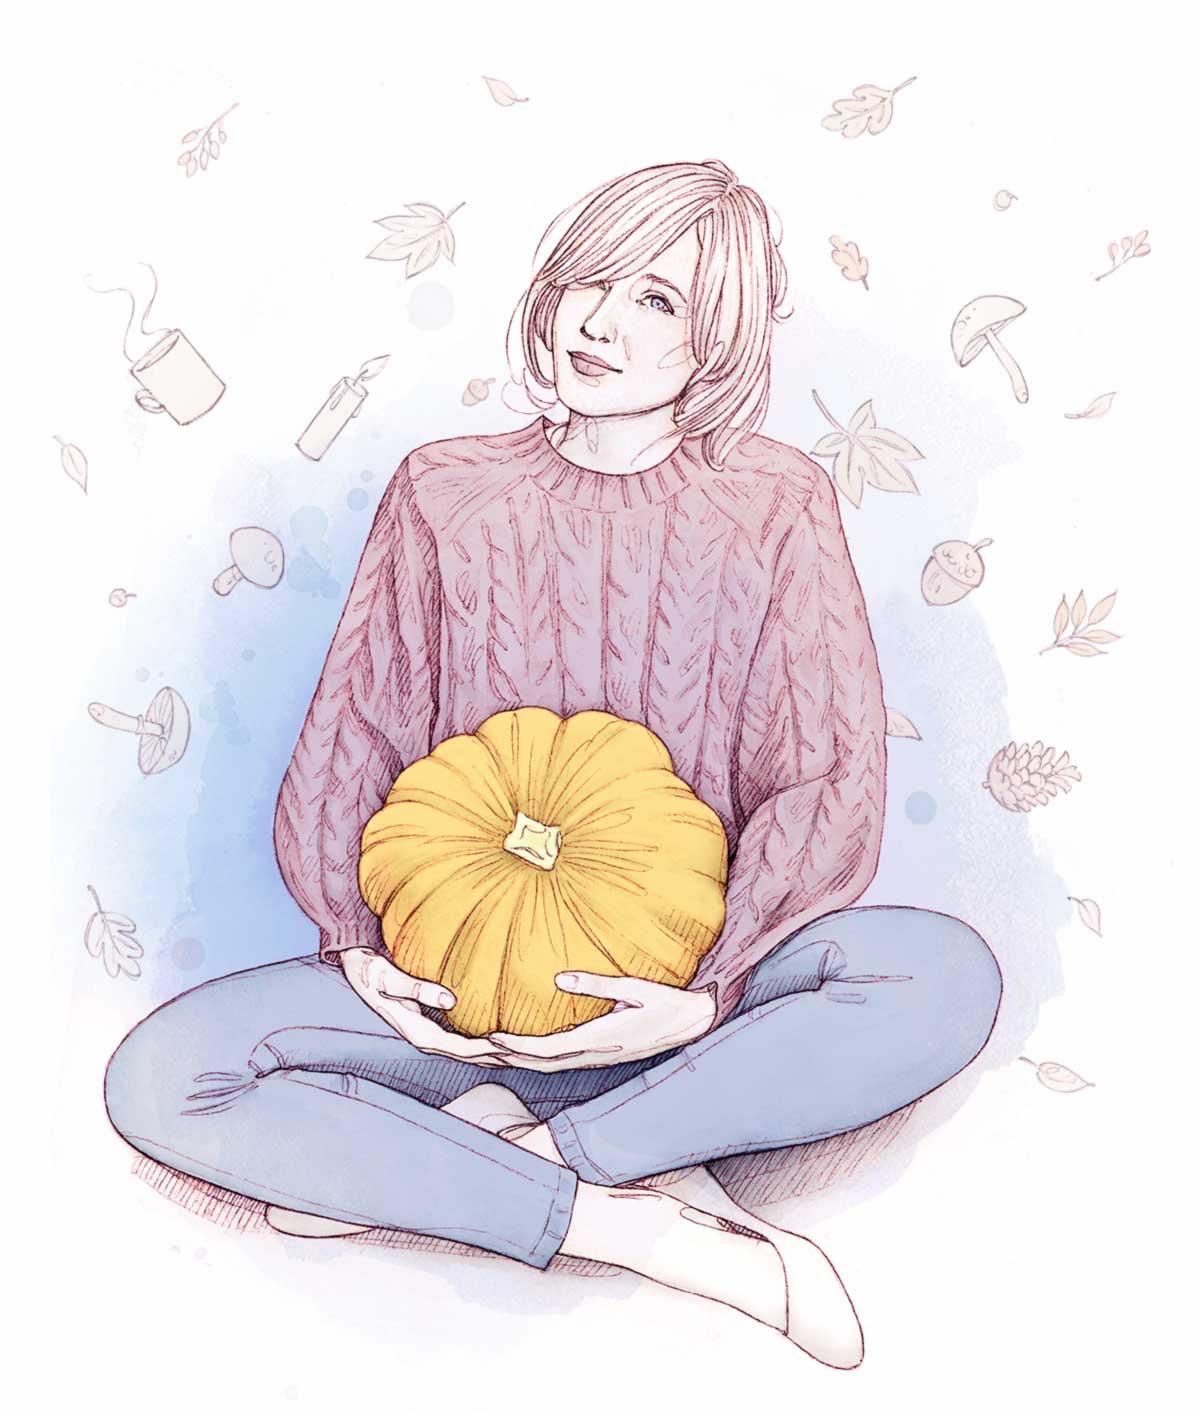 femme accroupie avec une citrouille